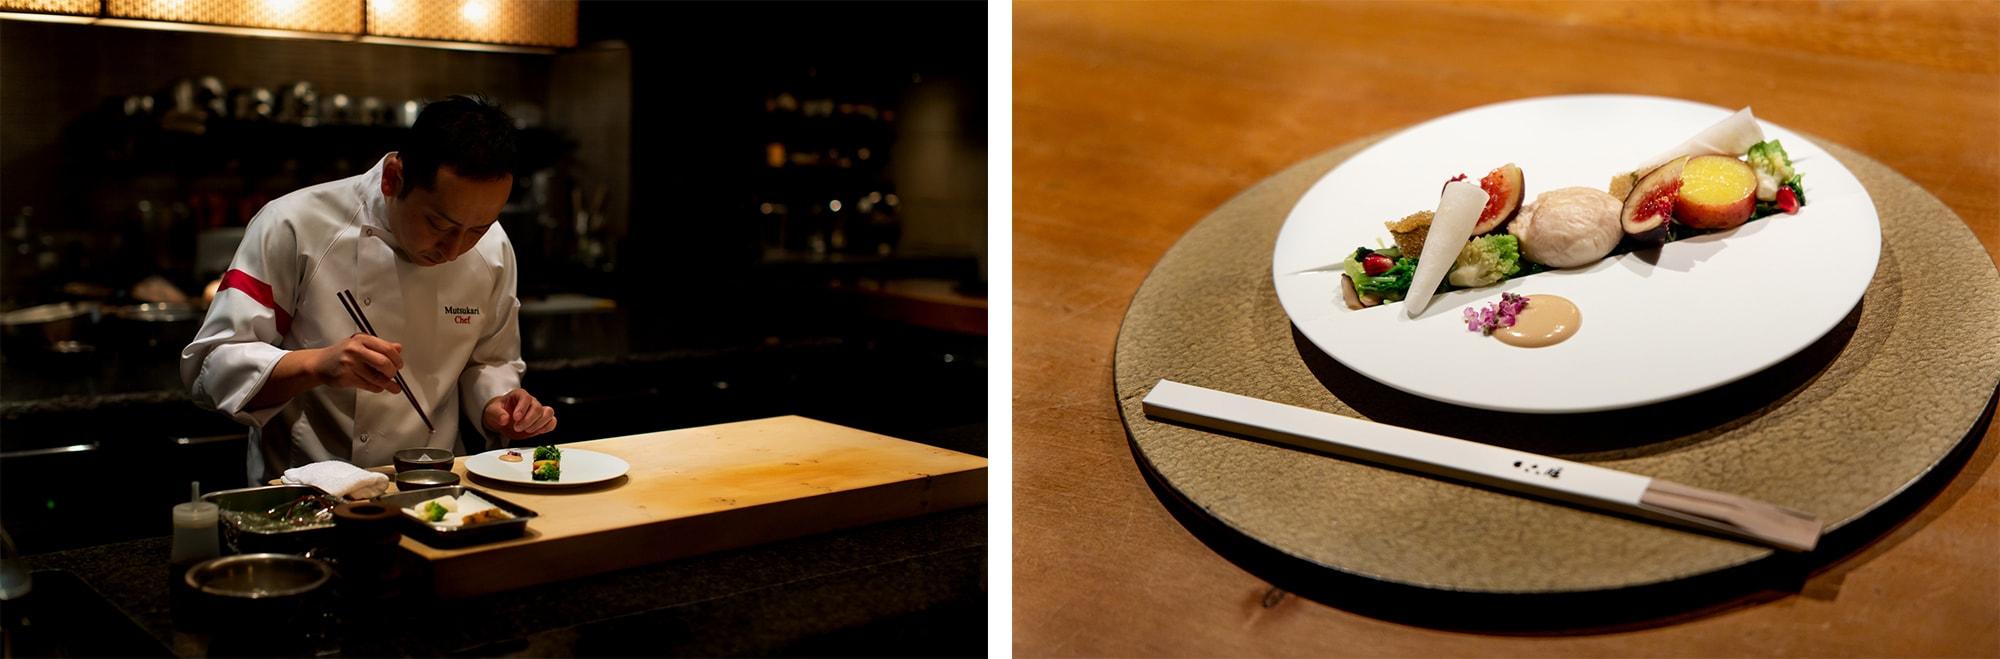 左:六雁のオープンキッチンに立つ総料理長、秋山能久(あきやまよしひさ)氏。そのたたずまいからもシャープで洗練された感性が伝わる。右:冬の前菜の一皿「季節野菜のおひたし」。白のエレガントな皿は、有田焼と同様400年の歴史を持つ佐賀県嬉野の肥前吉田焼。料理のイベントで嬉野と縁の深い秋山総料理長の考案により製作されたもの。